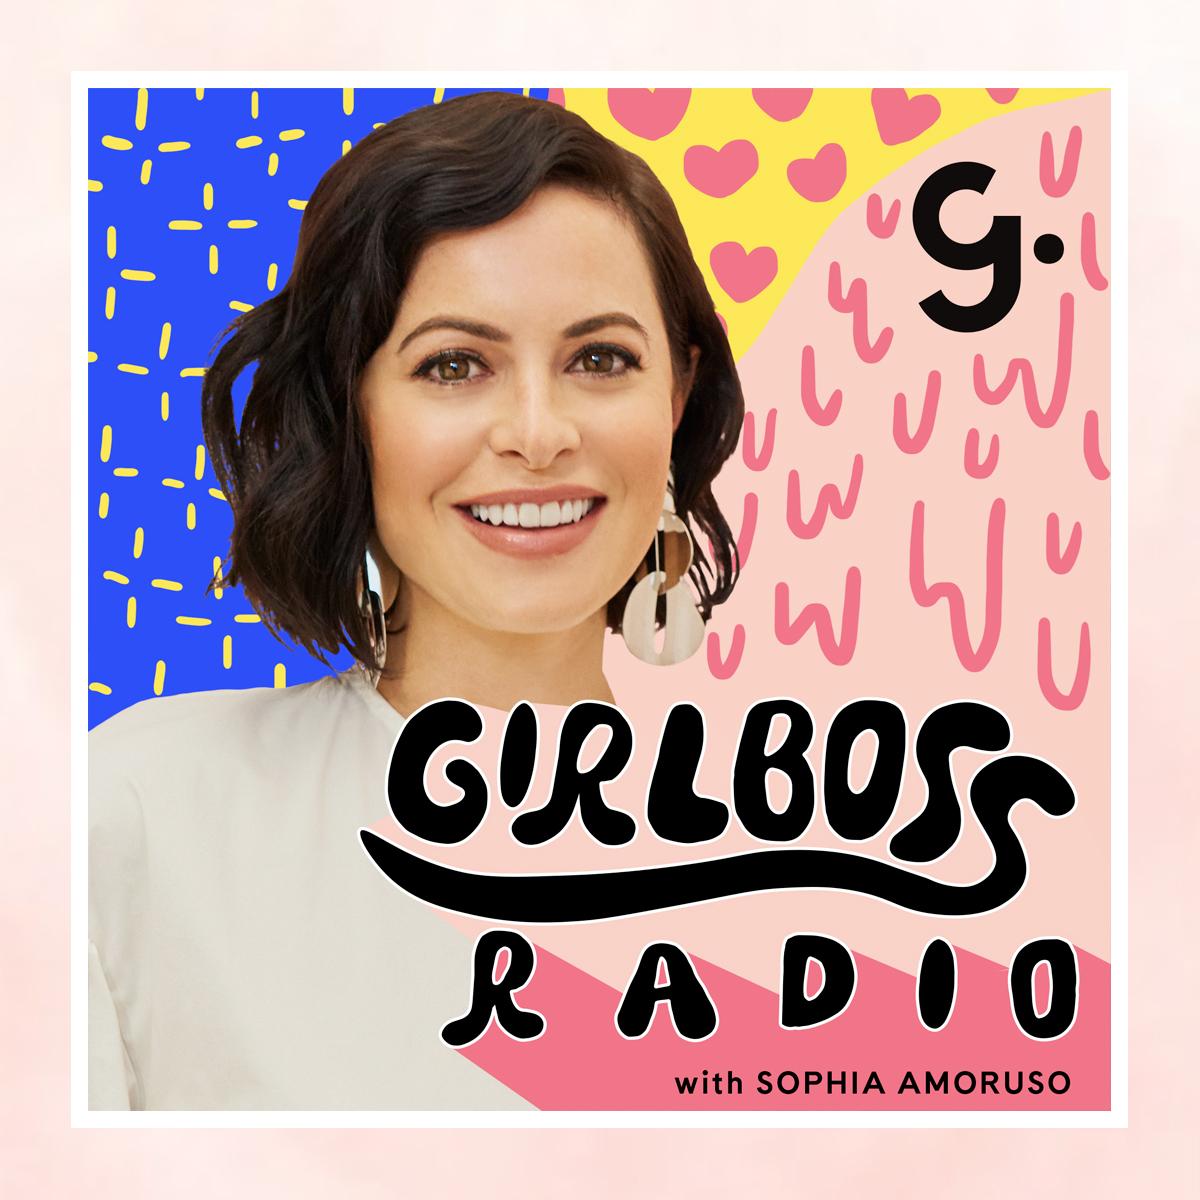 GirlBoss-EasilyInspired.jpg